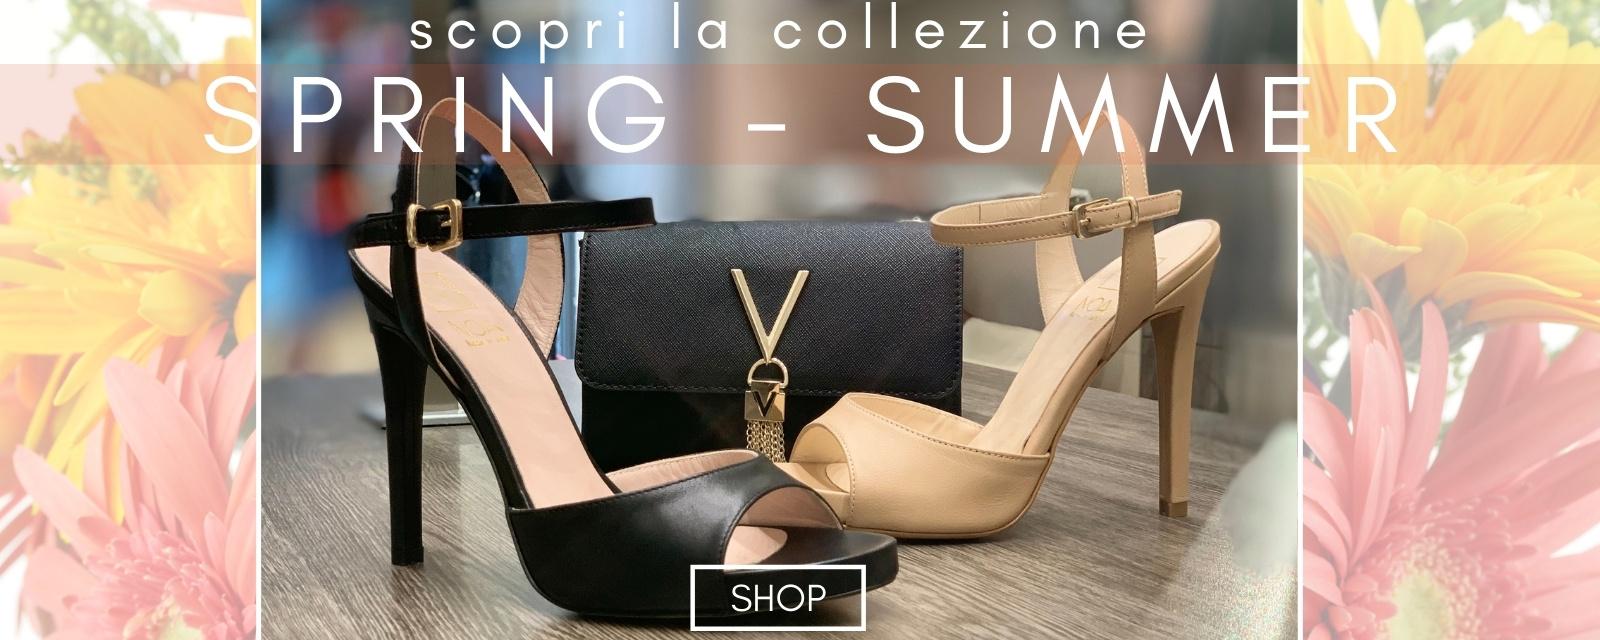 nuova collezione primavera estate 2021